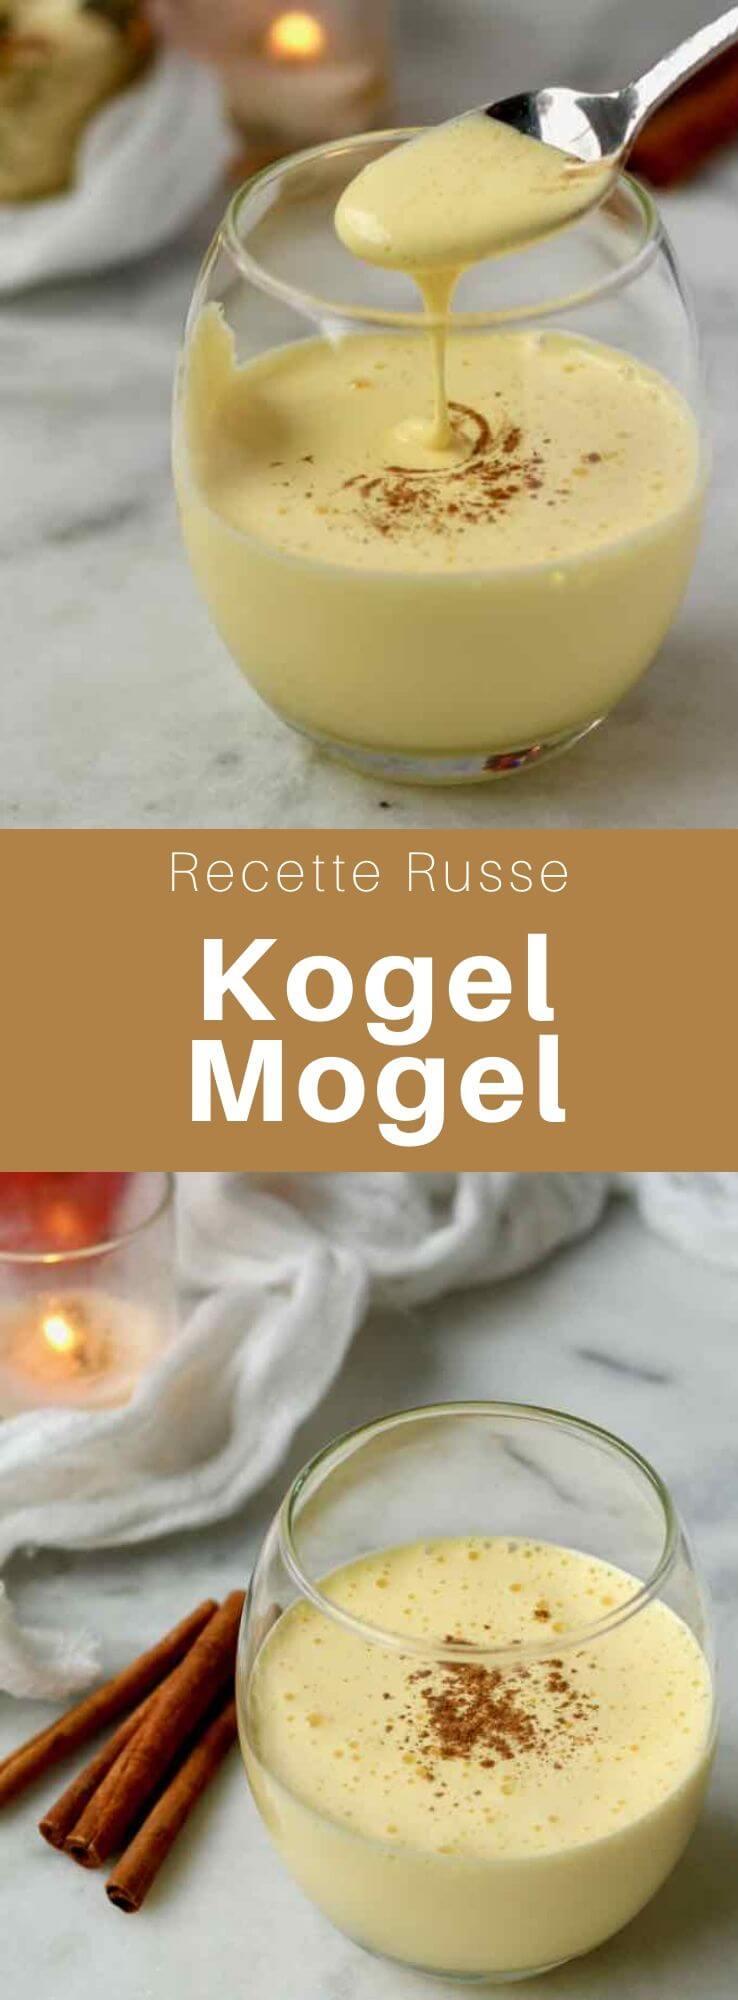 Le kogel mogel est un dessert d'origine juive d'Europe centrale et de l'Est appelé gogel mogel en yiddish. Il est semblable au lait de poule. #Russie #Pologne #RecetteRusse #RecettePolonaise #CuisineDuMonde #196flavors